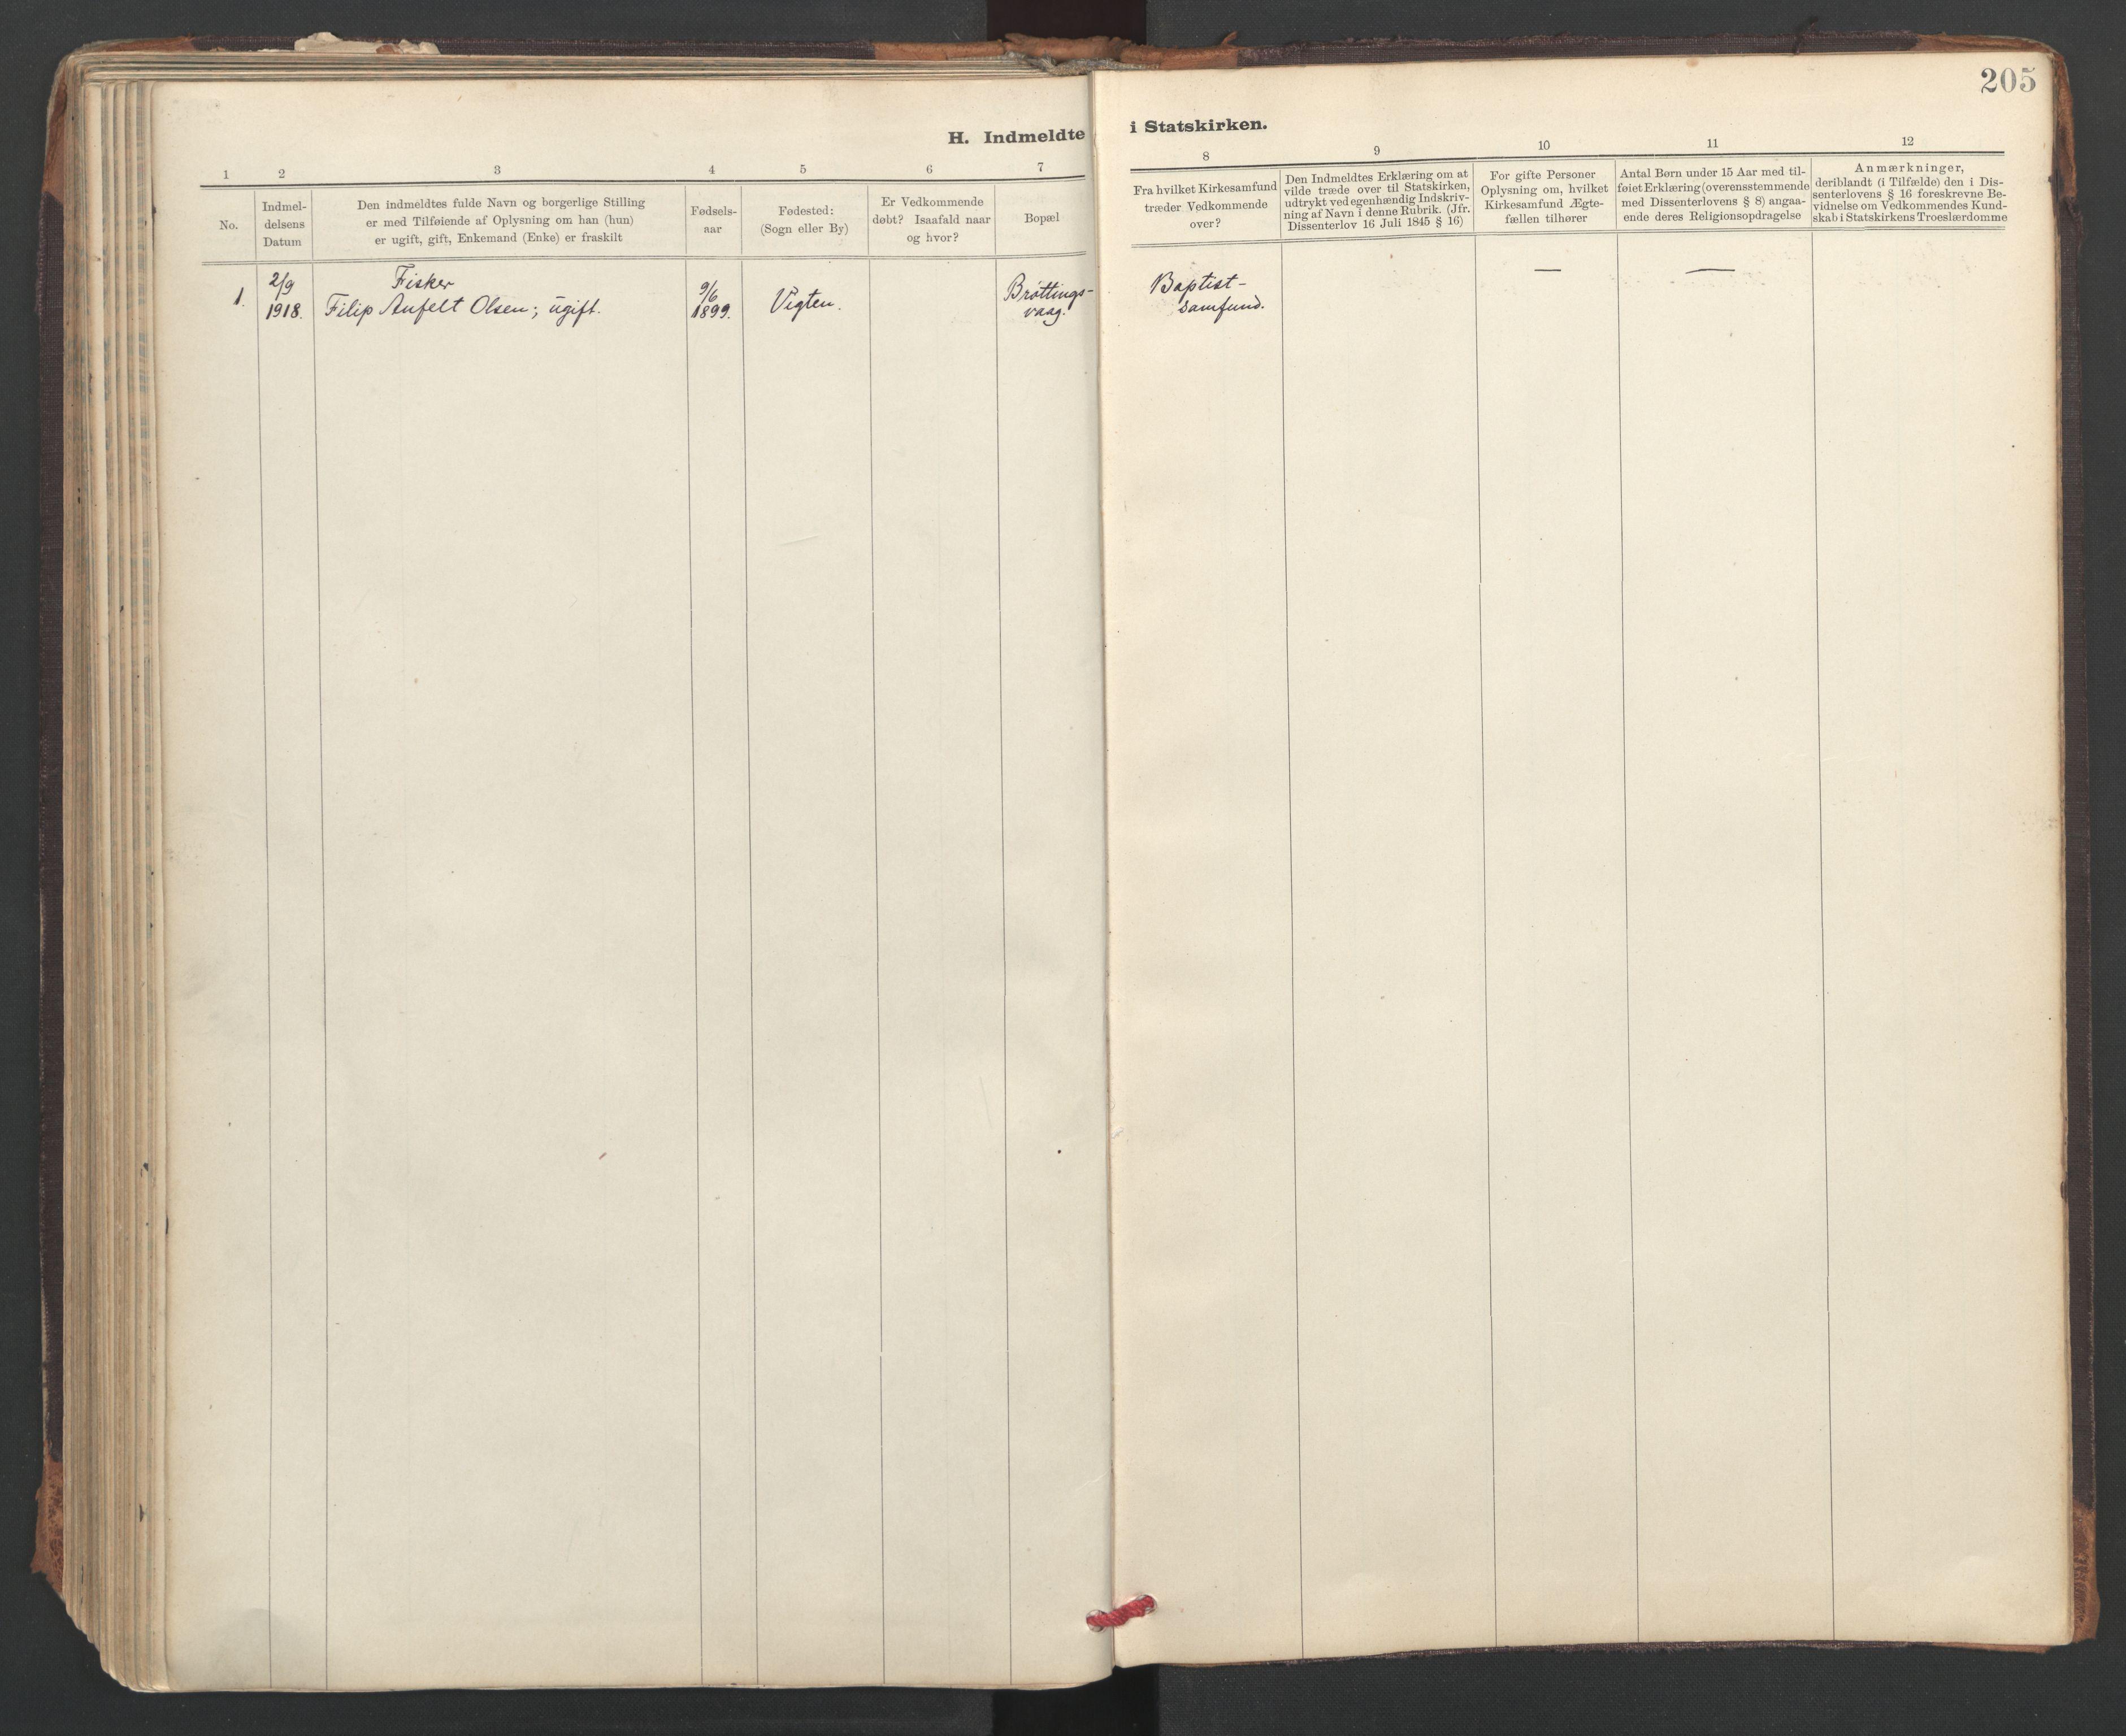 SAT, Ministerialprotokoller, klokkerbøker og fødselsregistre - Sør-Trøndelag, 637/L0559: Ministerialbok nr. 637A02, 1899-1923, s. 205